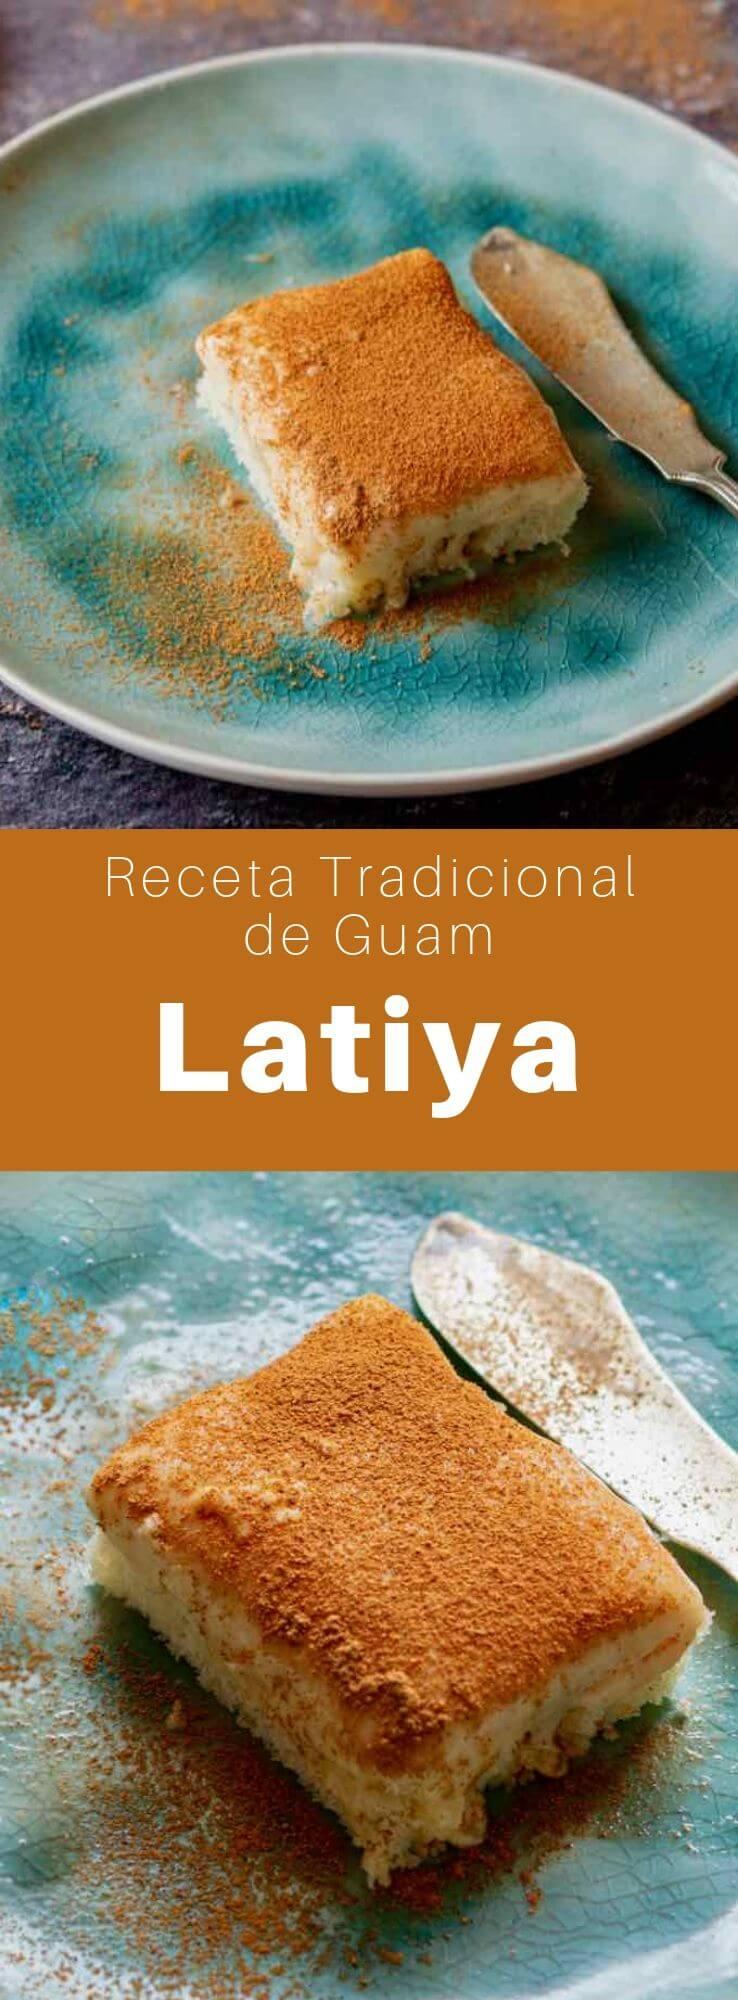 La latiya (o natiya) es un postre popular de Guam, preparado con crema de vainilla espolvoreada con canela y una base de bizcocho.